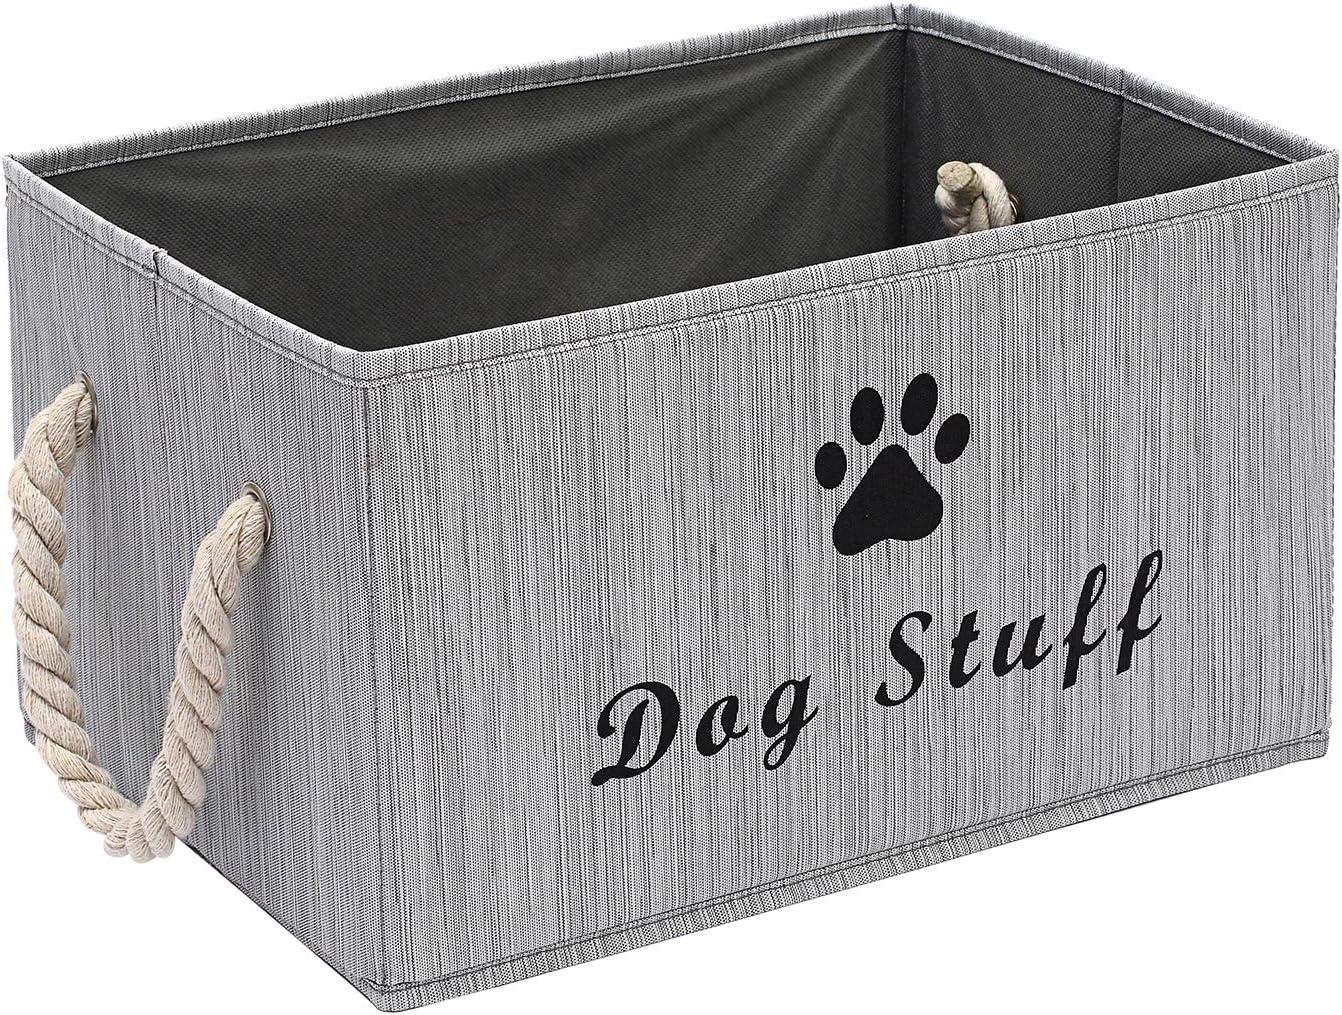 Pethiy - Caja de almacenaje de tela grande con asa de cuerda de algodón, cesta plegable para ropa y accesorios de perro, abrigos de perro, cestas de regalo de juguetes de perro-Gris